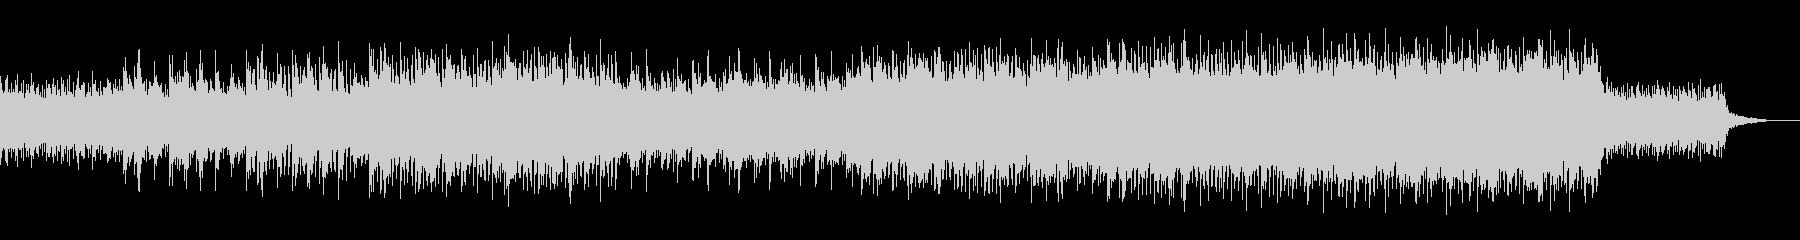 コンセプトムービー ロング 未来のCMの未再生の波形